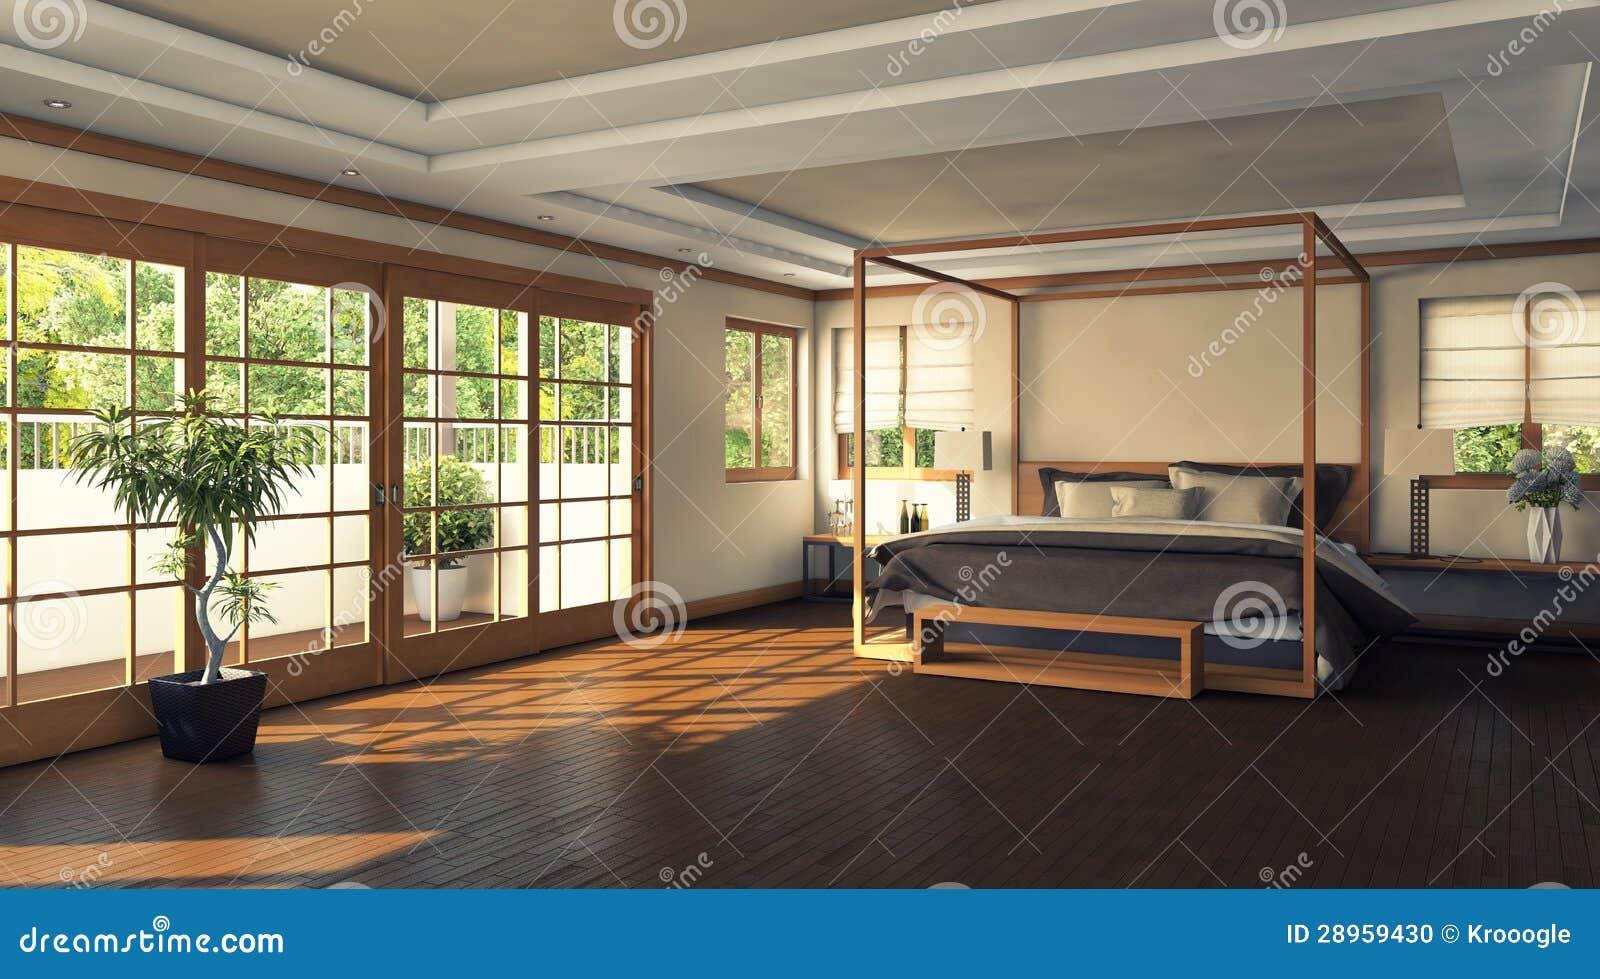 Modernes schlafzimmer stockfoto bild 28959430